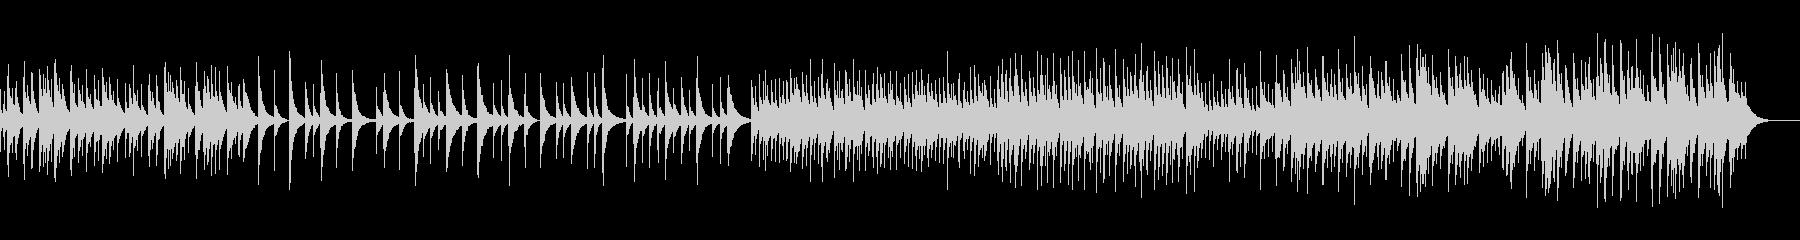 オルゴールのヒーリングの未再生の波形